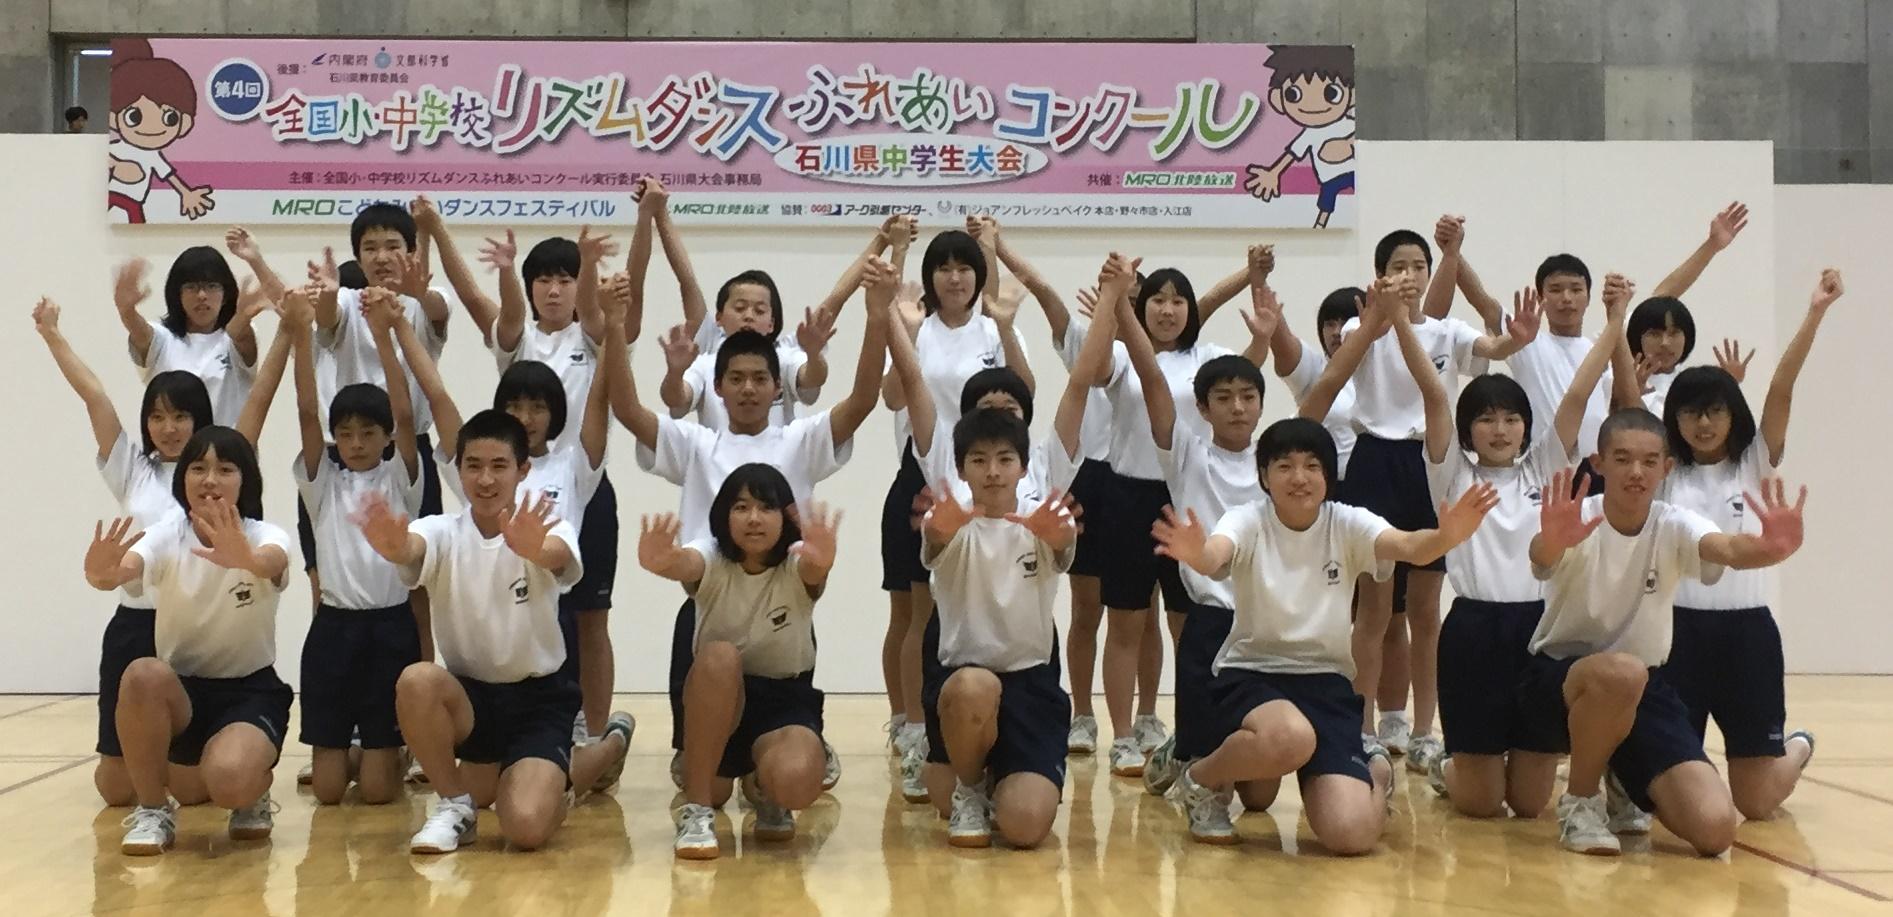 第4回全国小・中学校リズムダンスふれあいコンクール 石川県中 ...